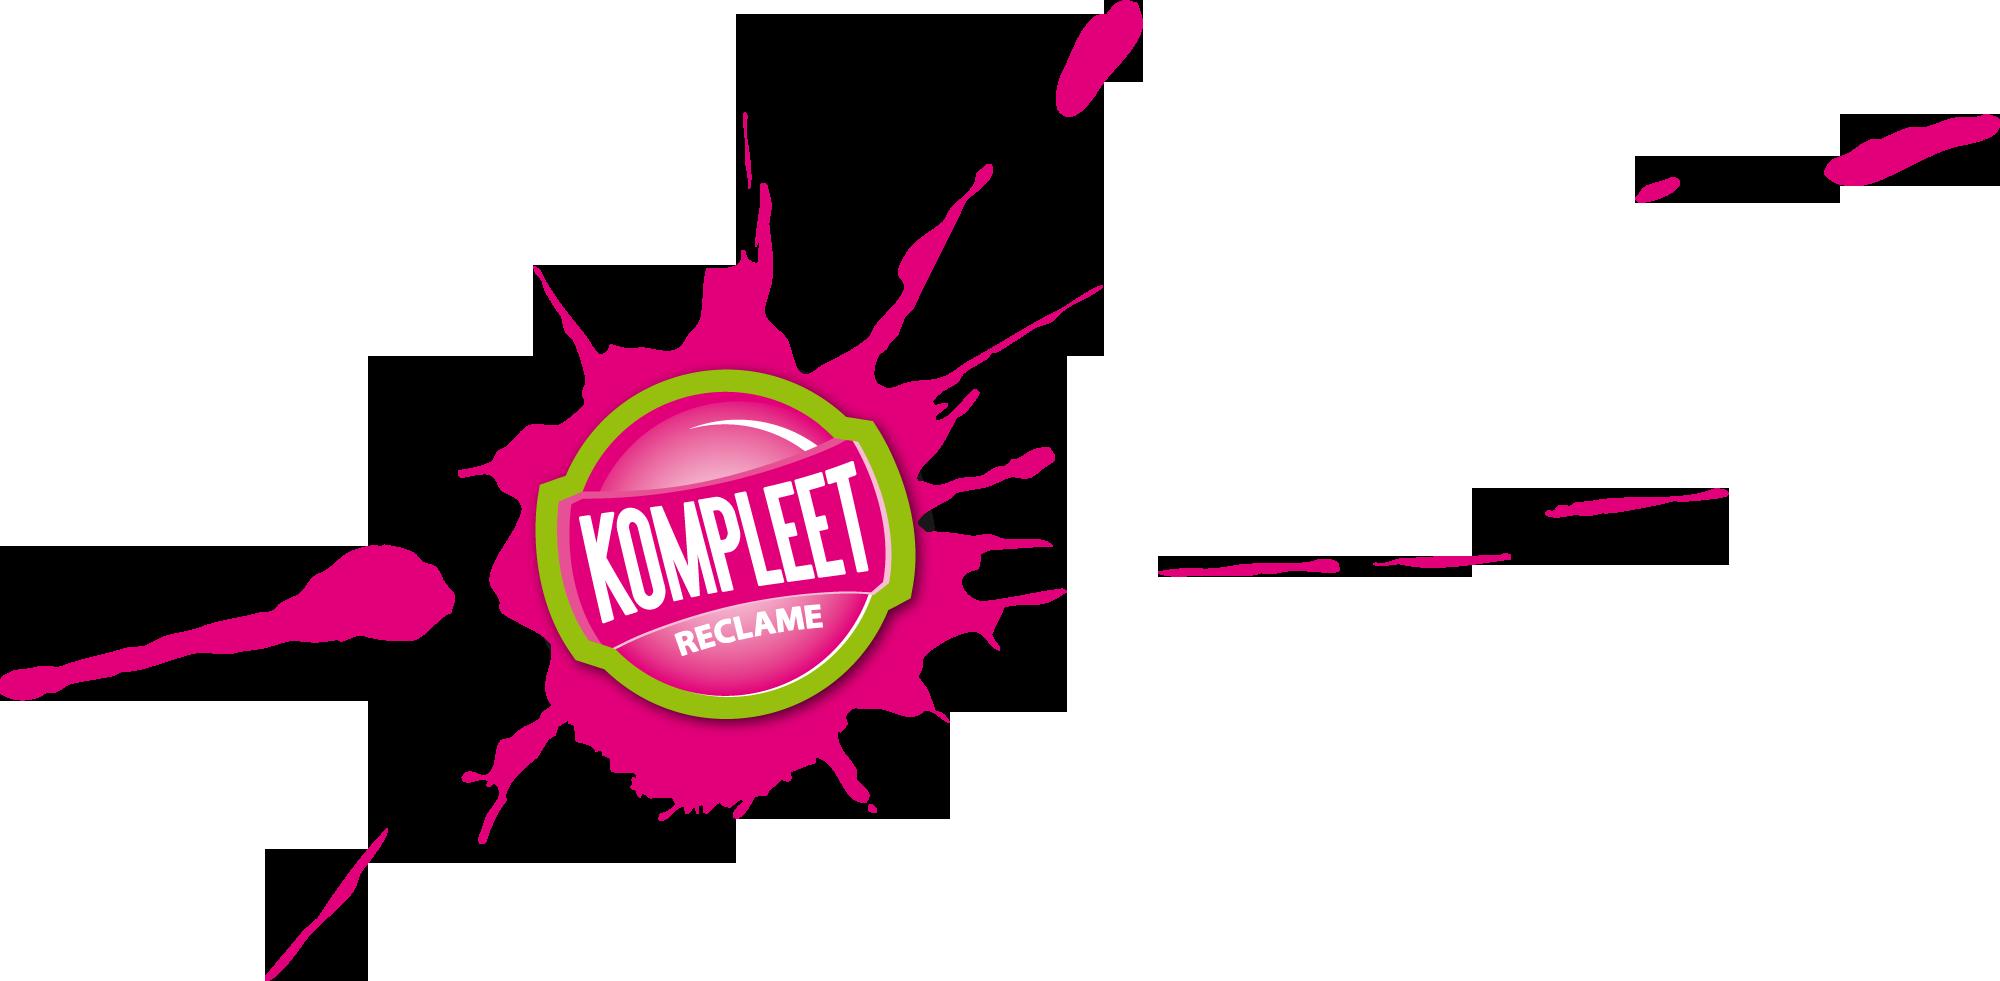 kompleet-logo-2000-schaduw